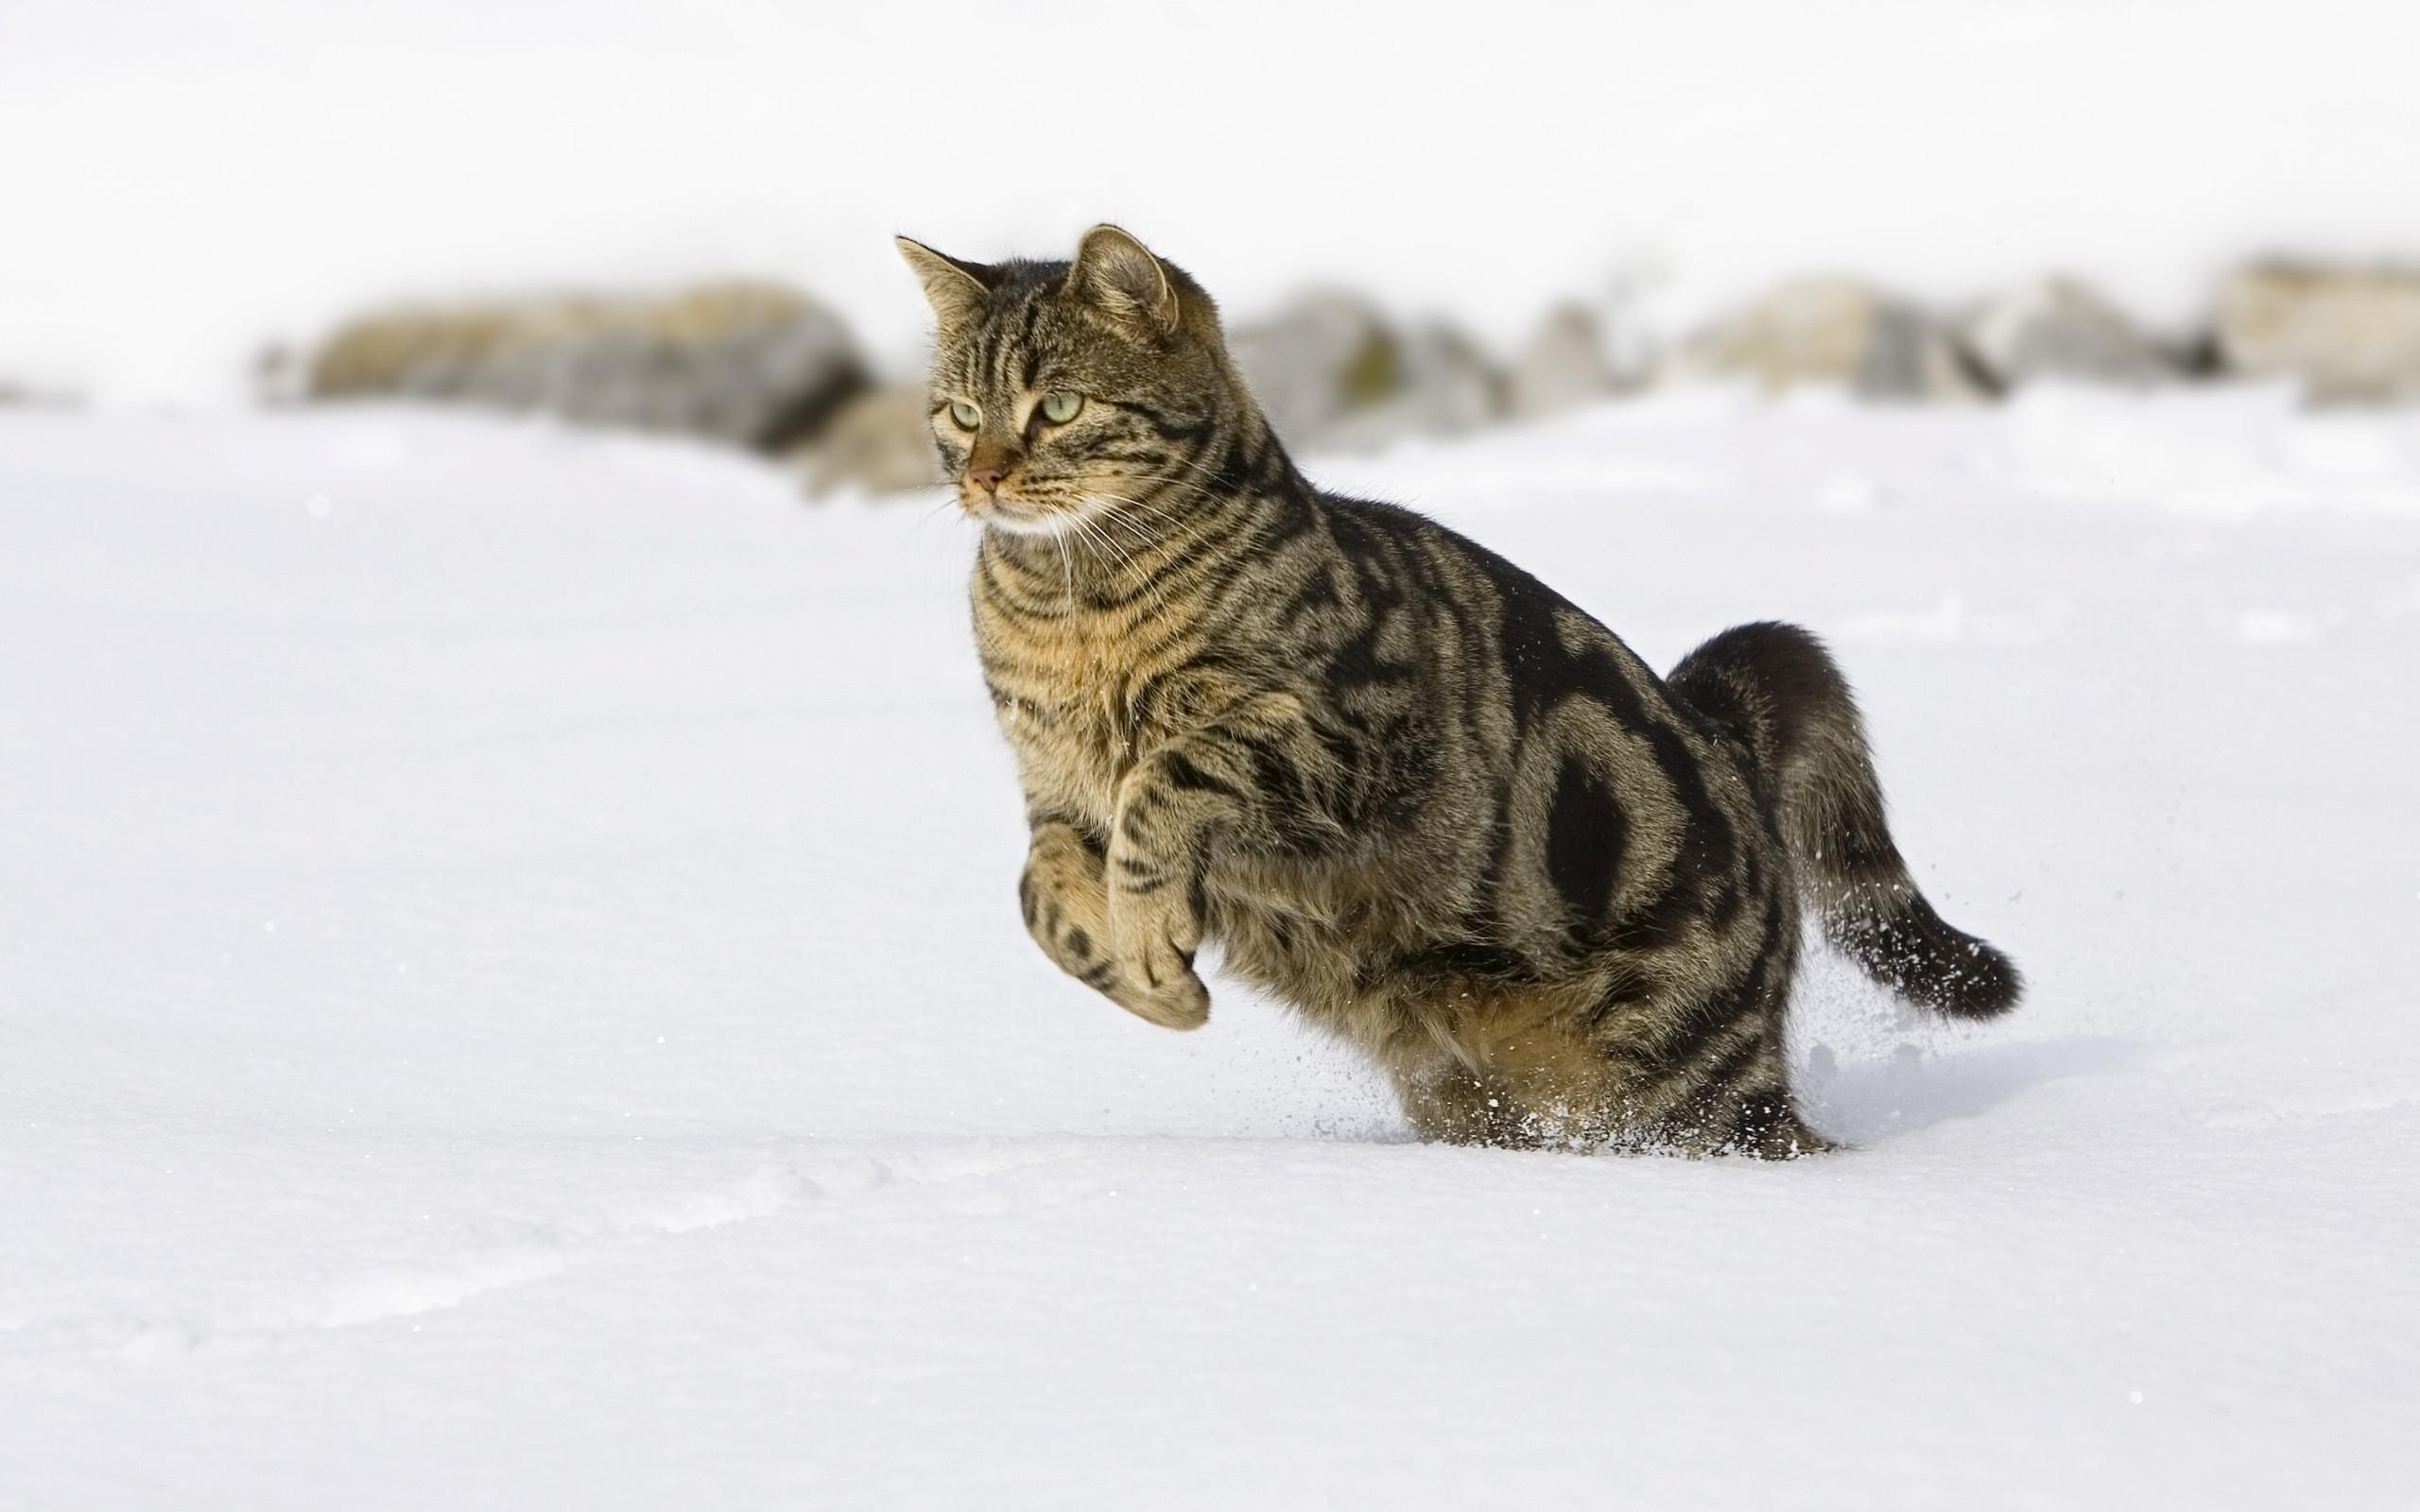 27531 обои 720x1520 на телефон бесплатно, скачать картинки Кошки (Коты, Котики), Животные 720x1520 на мобильный